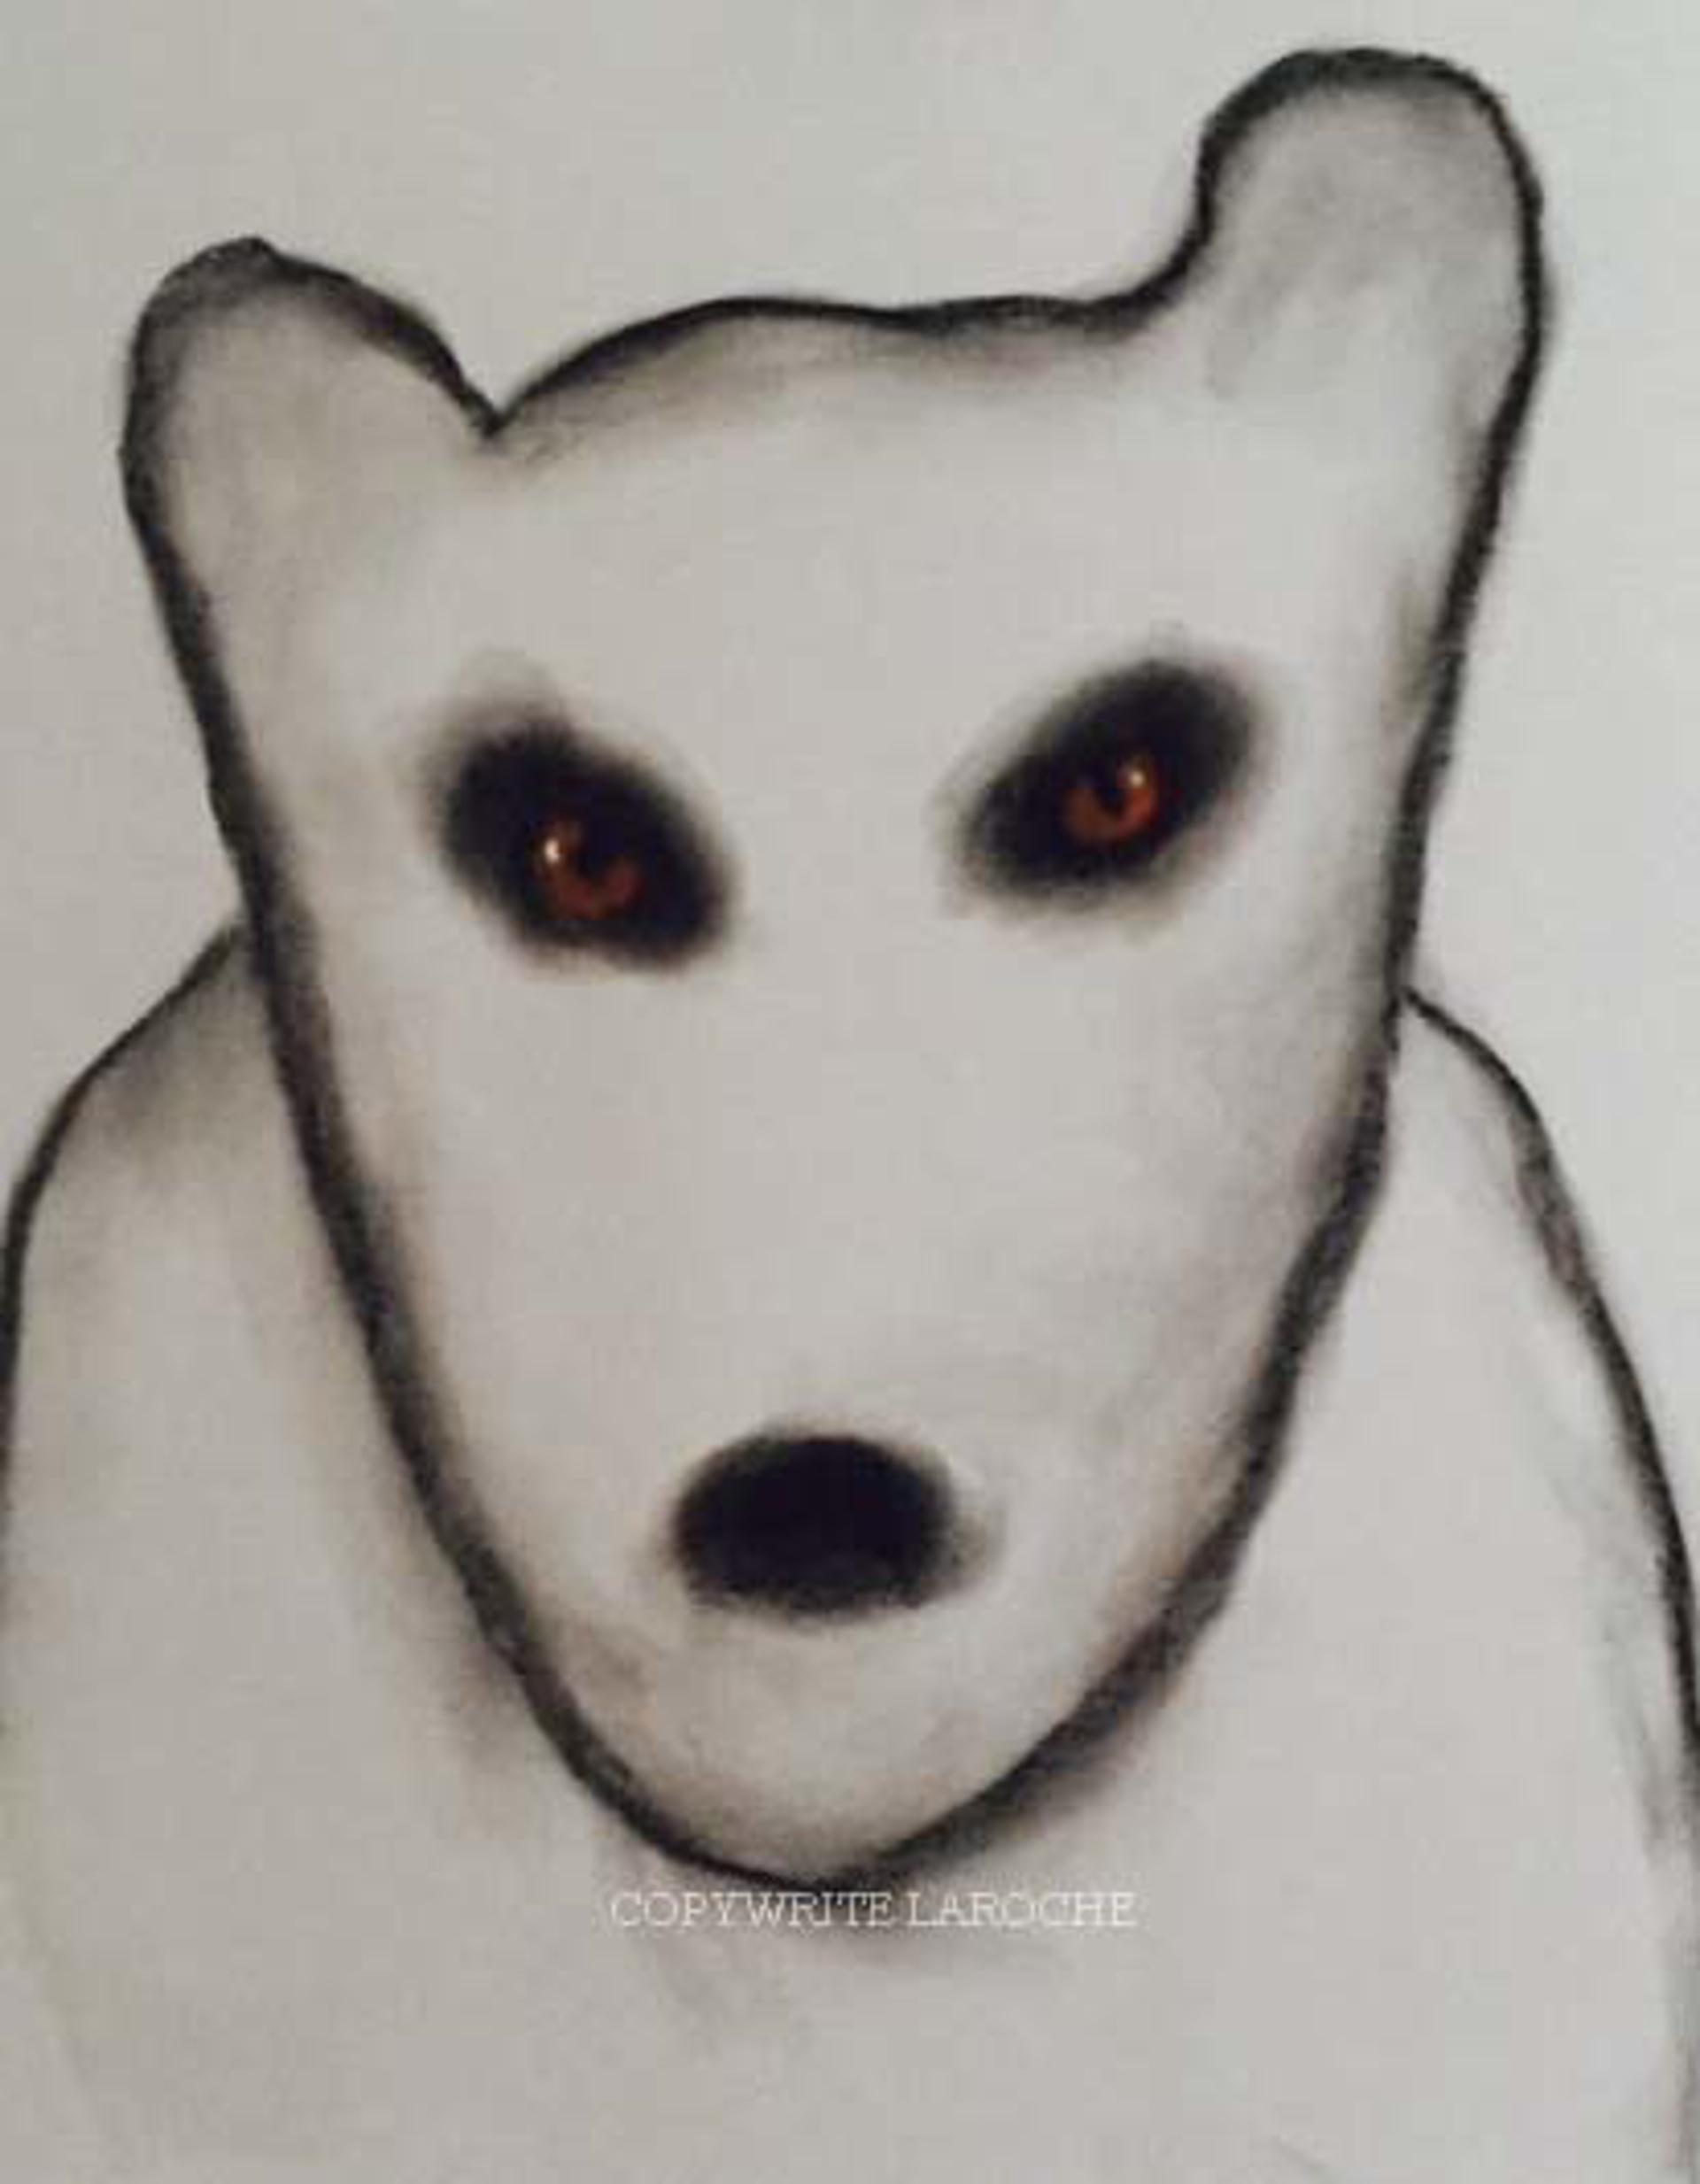 THE VISITORS/BEAR VI by Carole LaRoche